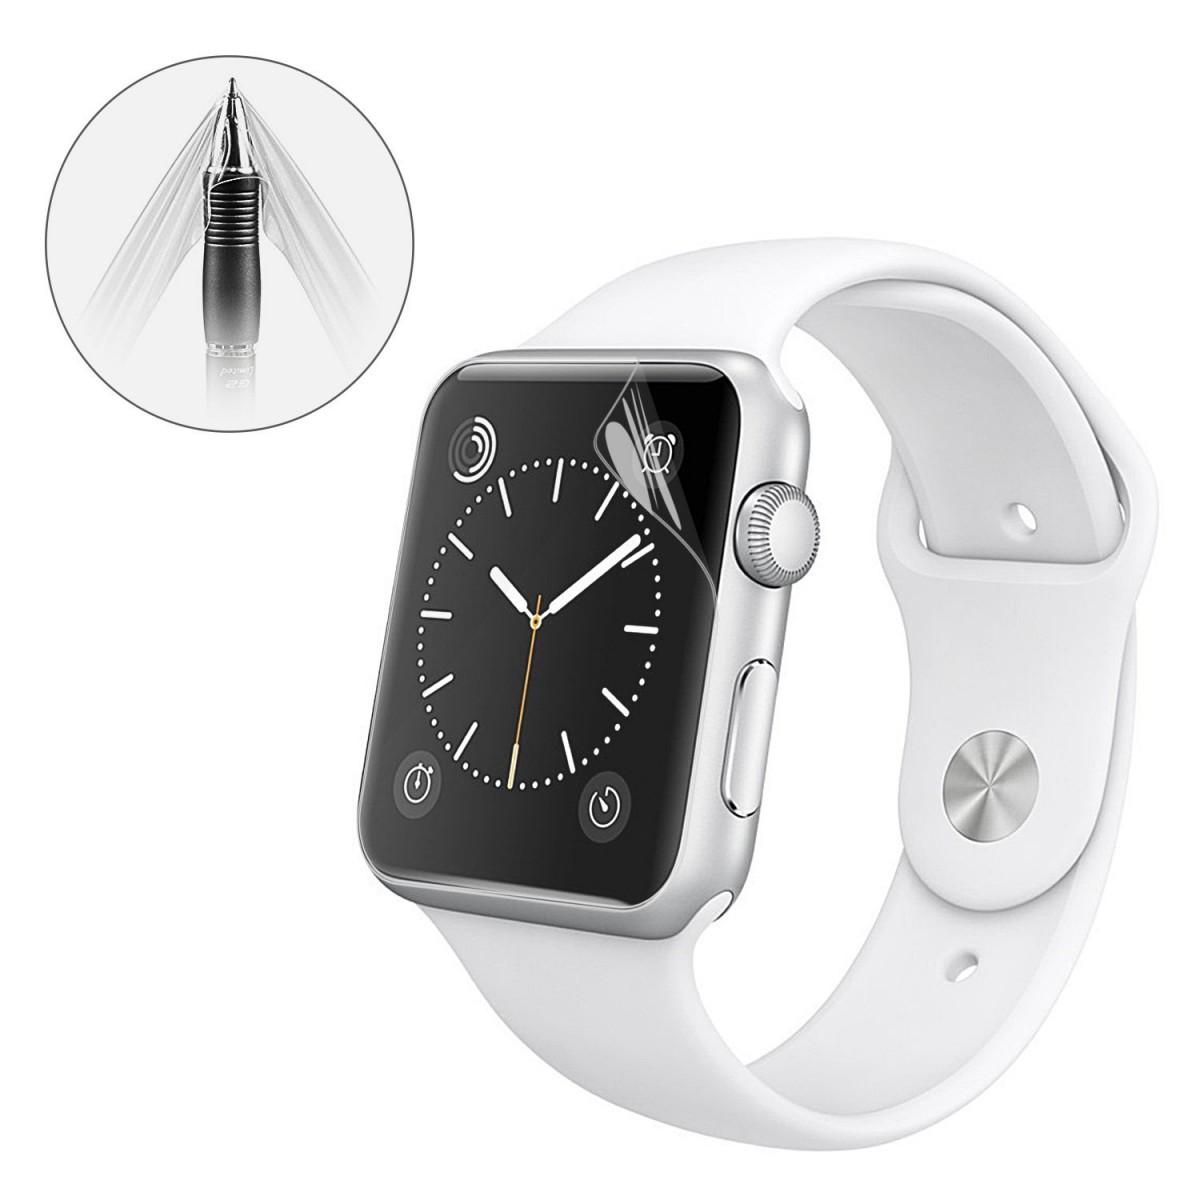 Fólie na displej Clear pro Apple Watch / Series 1, 2 (42mm)